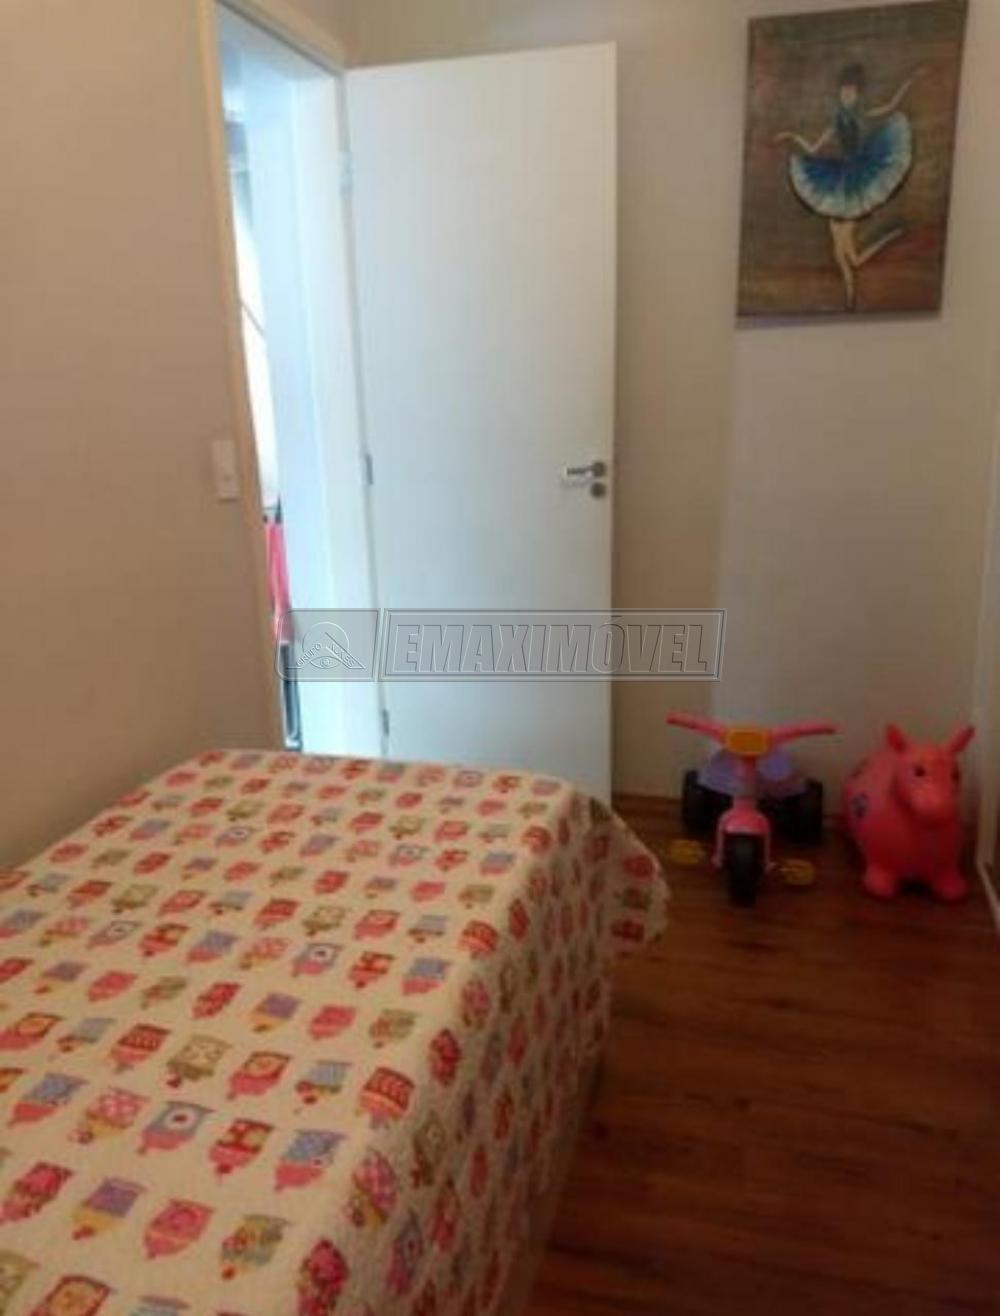 Comprar Apartamentos / Apto Padrão em Sorocaba apenas R$ 250.000,00 - Foto 8